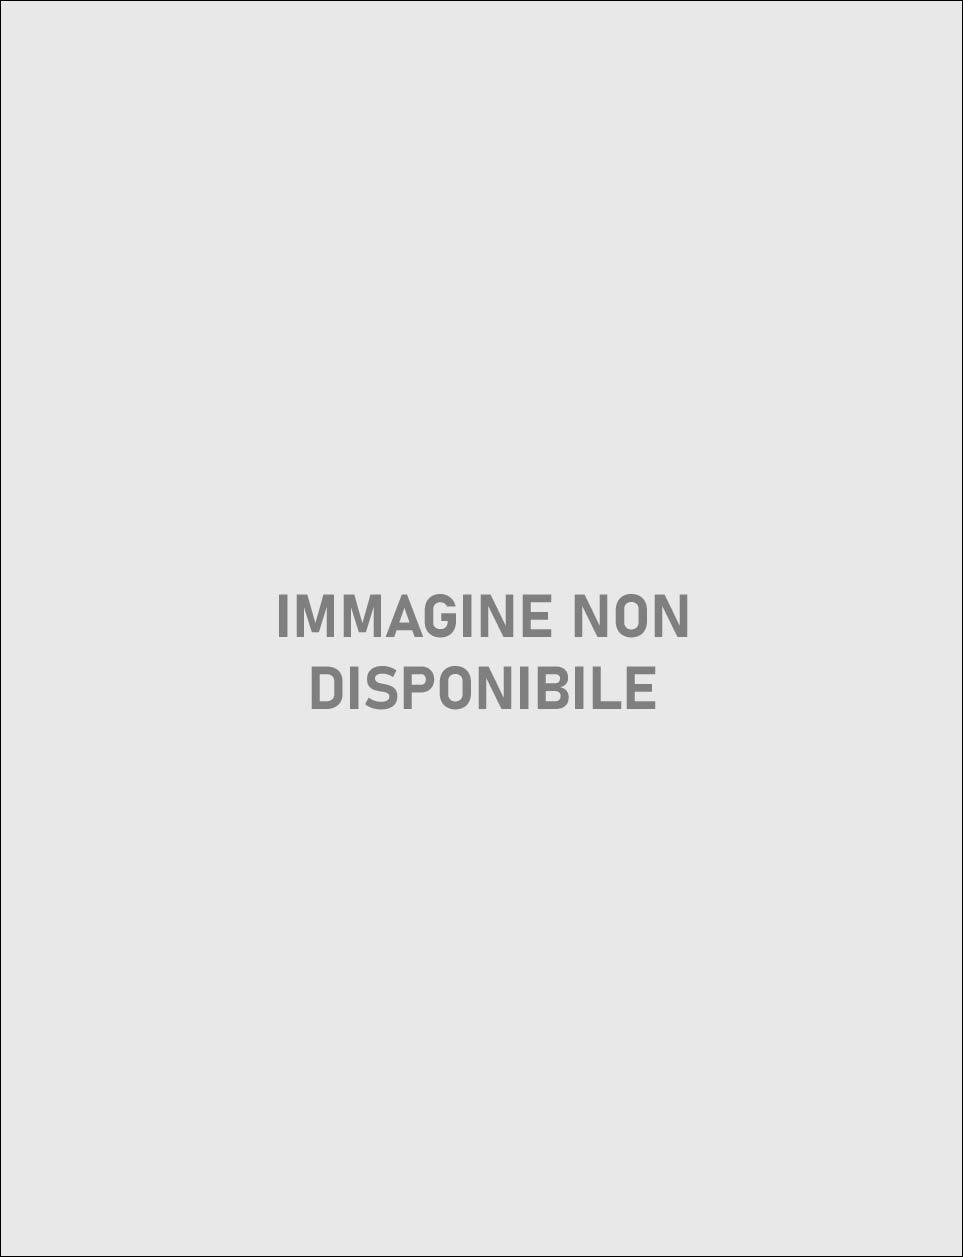 Maglione con righecoloreNero